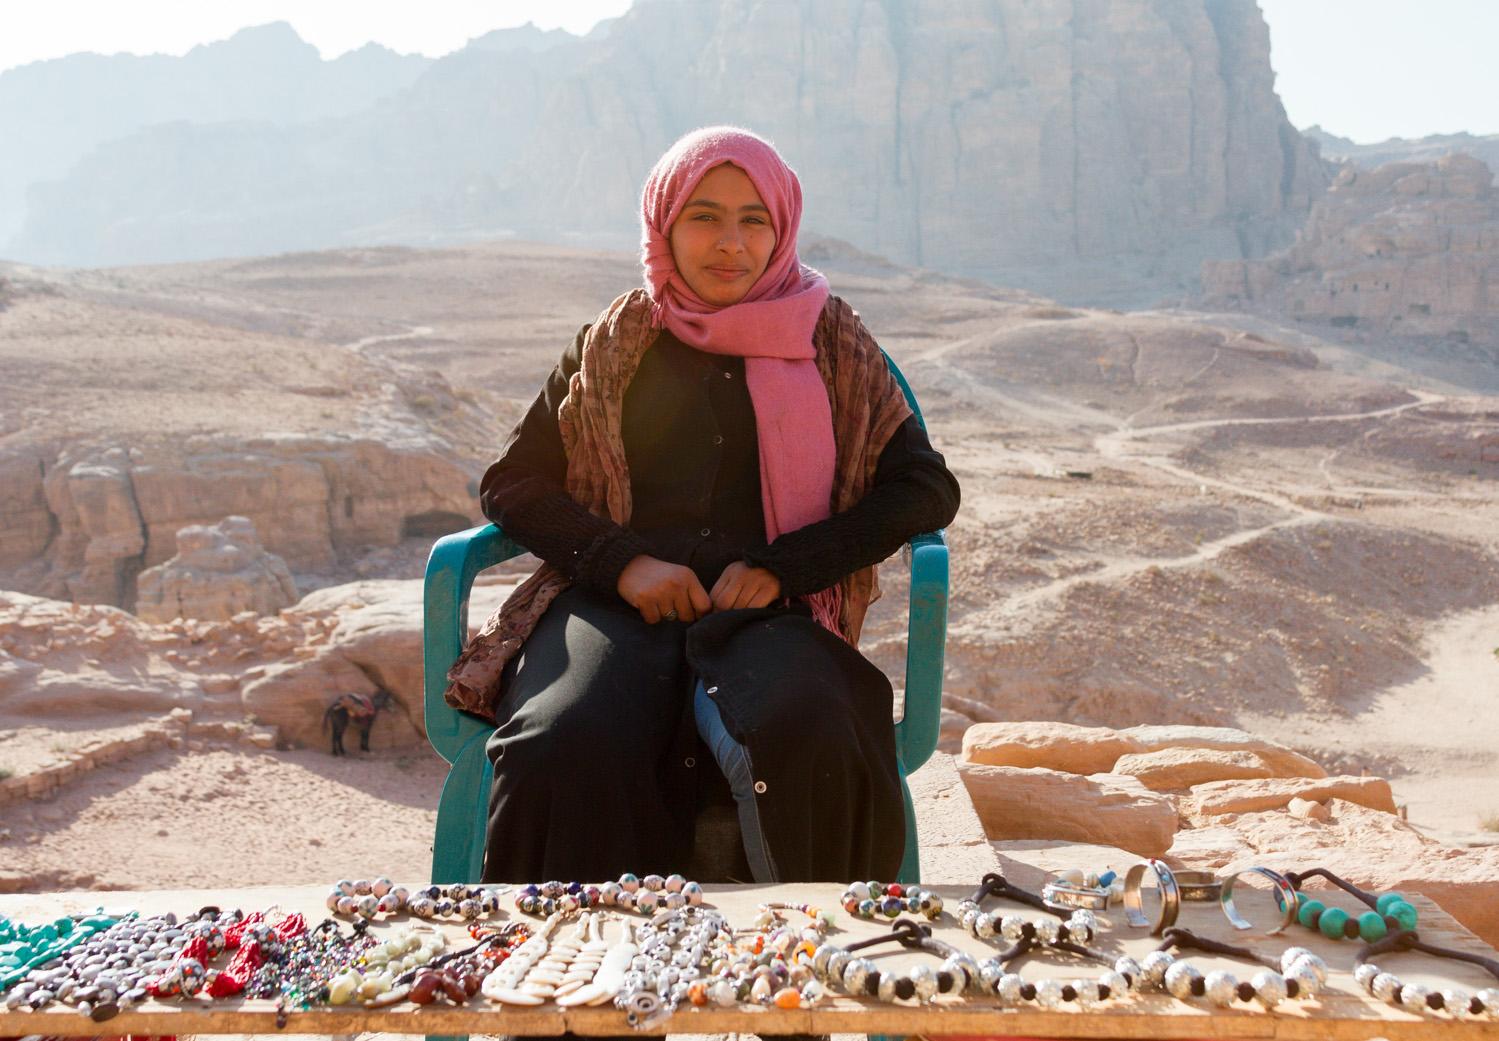 Christian-Schaffer-Jordan-Petra-Bedouin-002.jpg